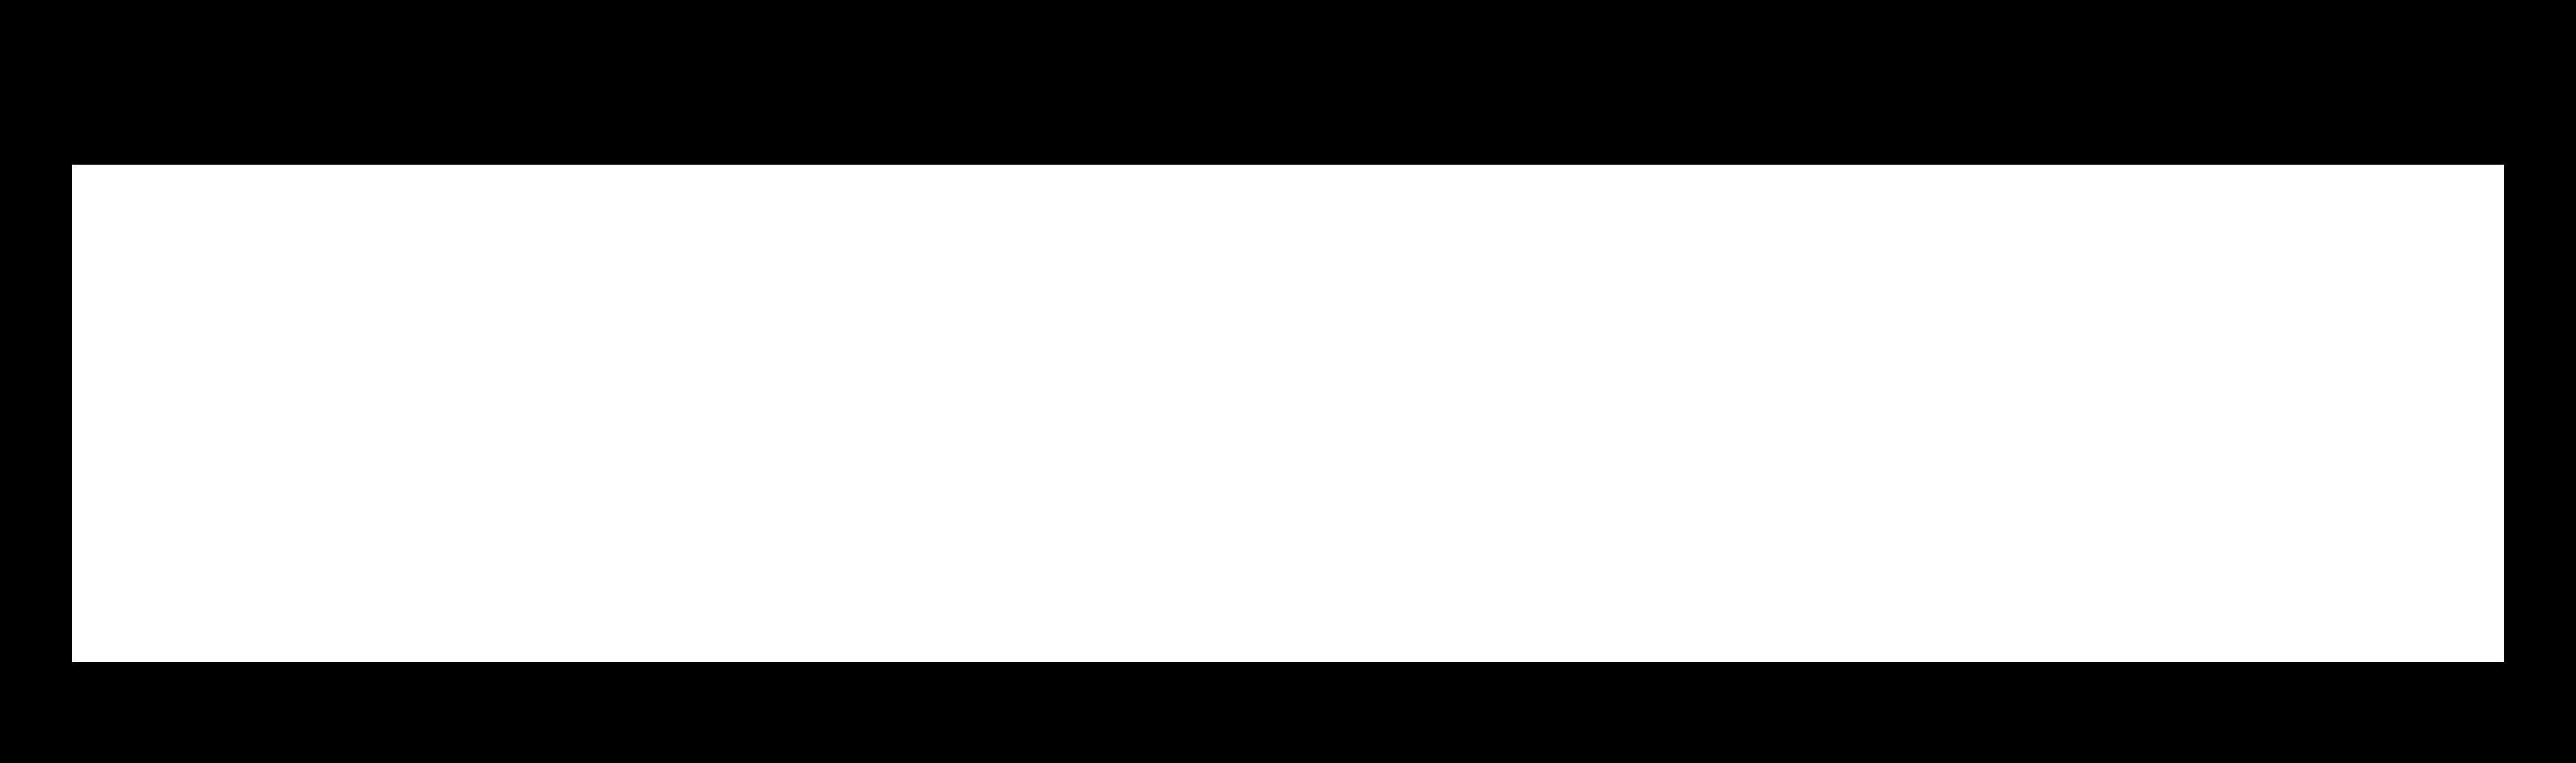 Strandeng Media